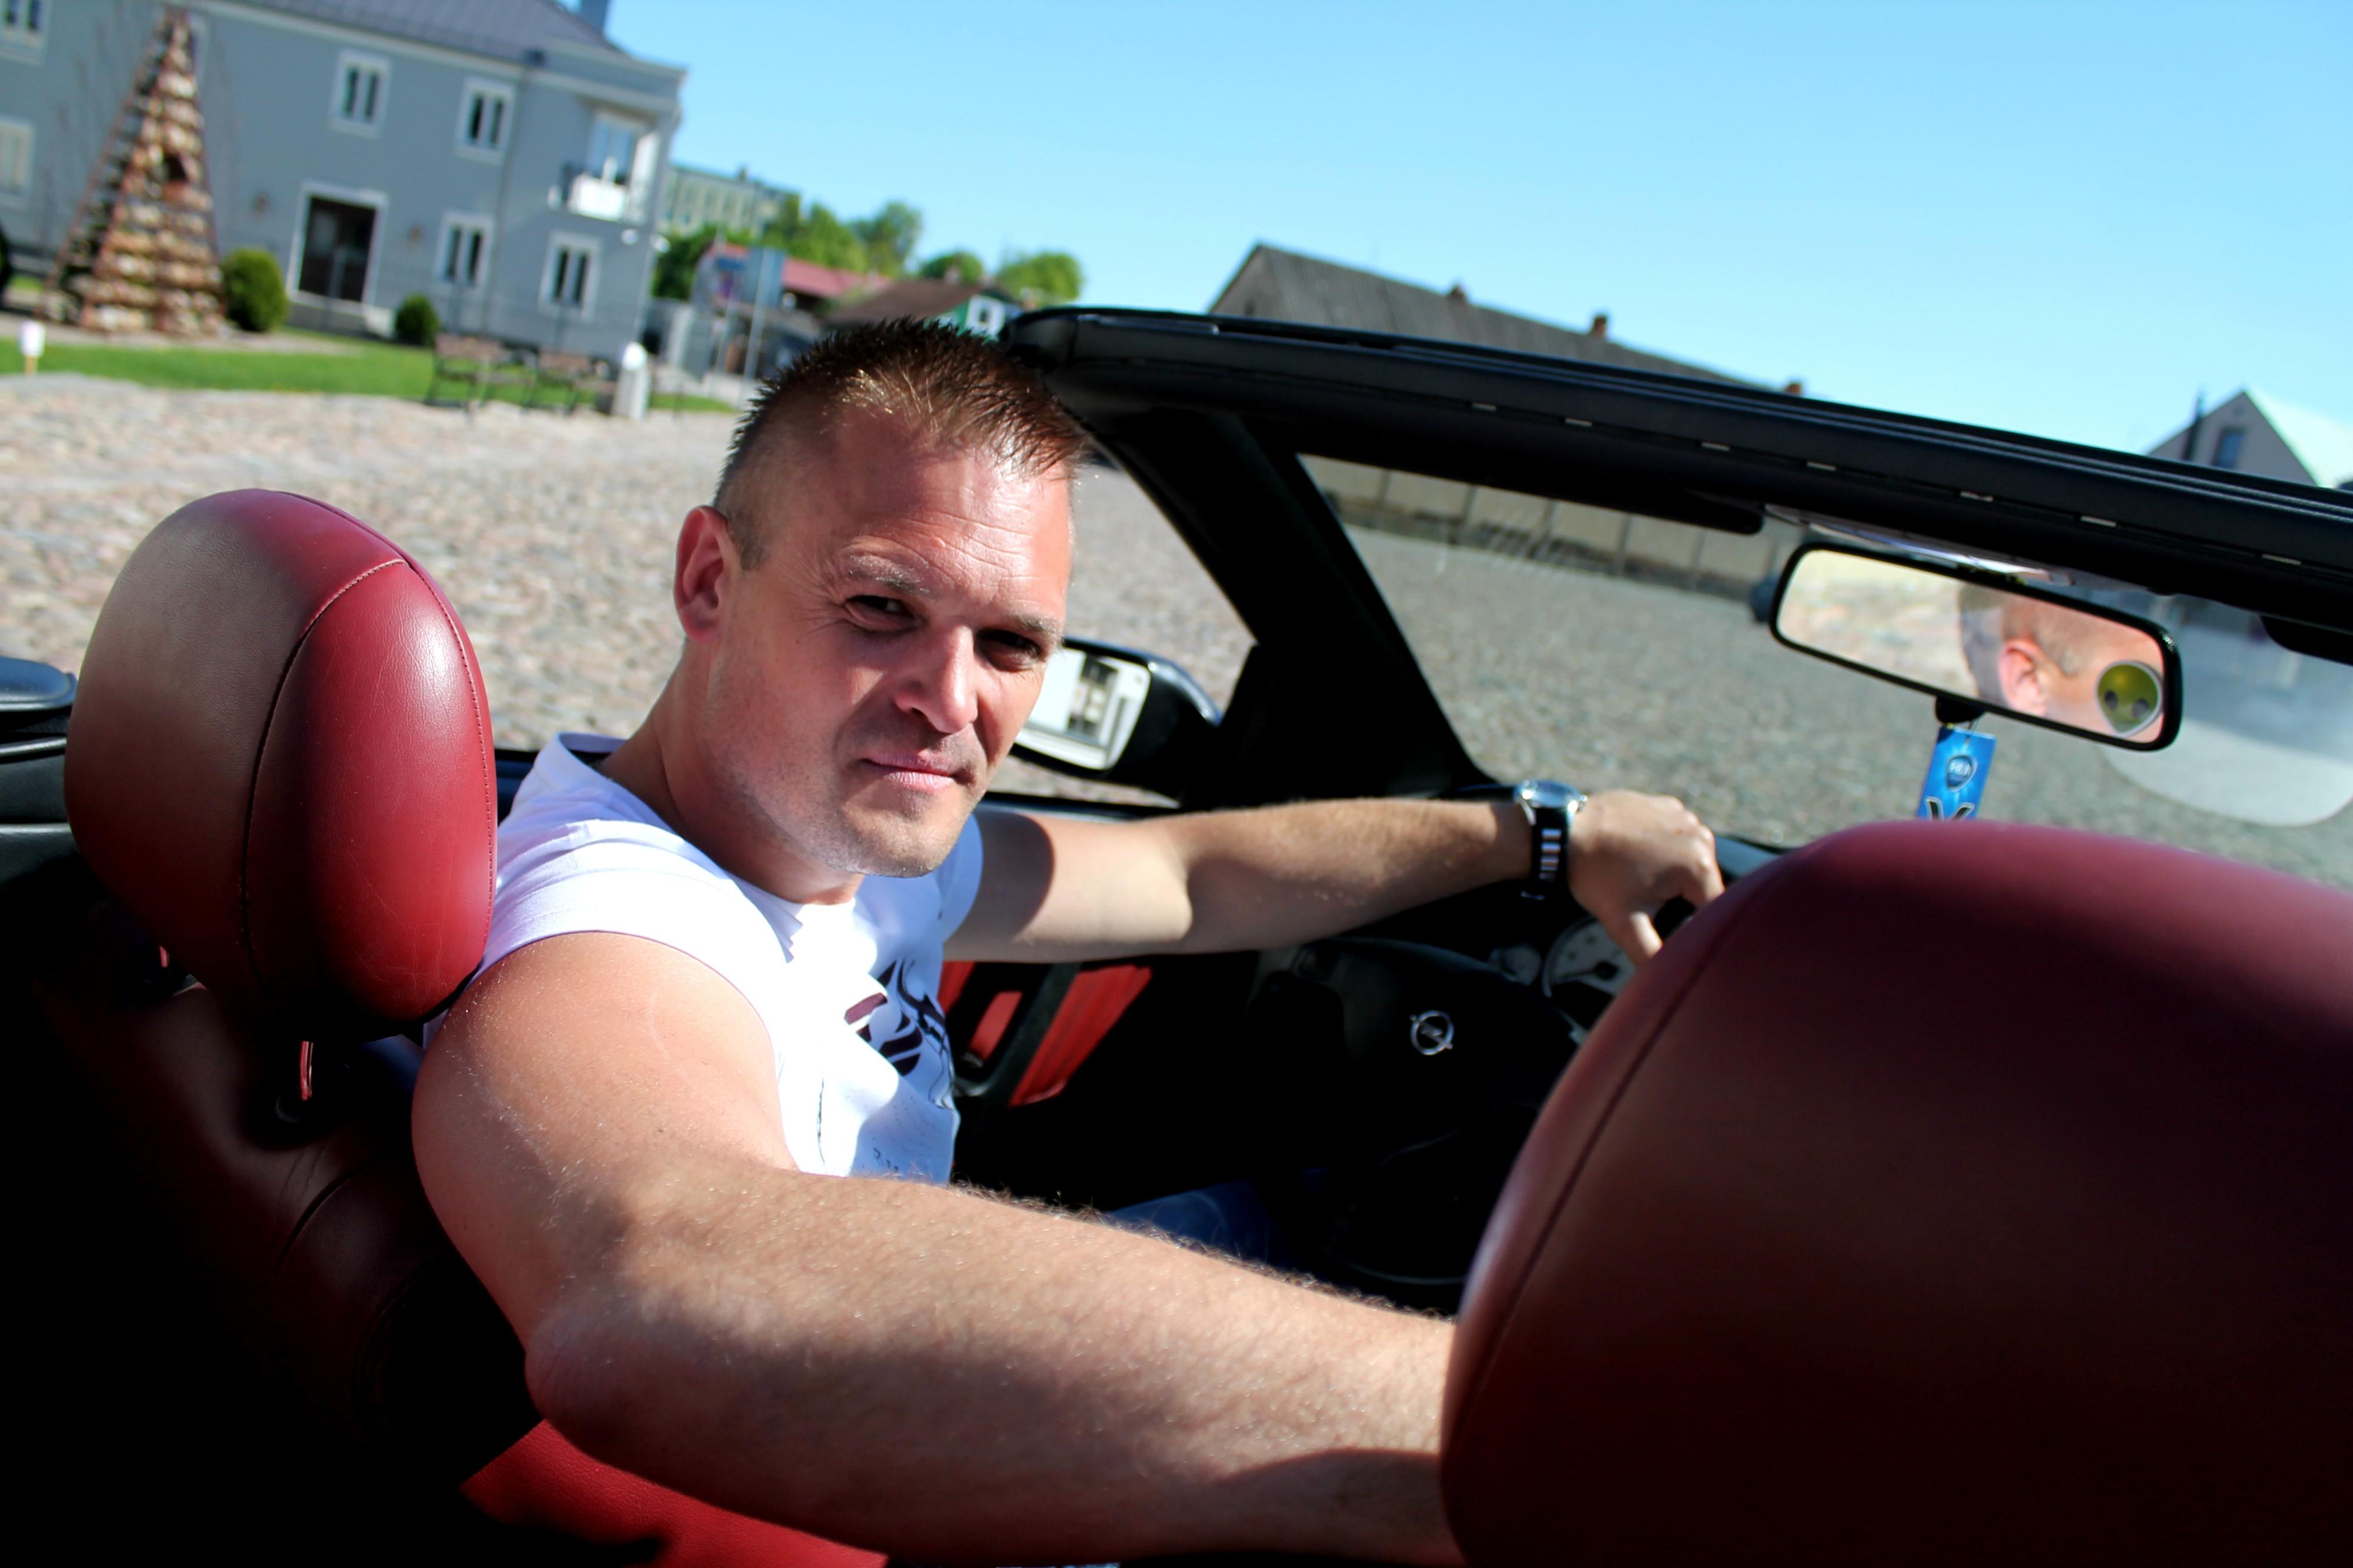 Kėdainietis Marius Sarapinas vairuoja savo antrąjį kabrioletą. Pirmąjį įsigijęs prieš kone aštuonerius metus, po to – išbandęs kitokių markių ir tipų automobilius, praėjusią vasarą jaunas vyras sugrįžo ten, kur jaučiasi geriausiai – už kabrioleto vairo.